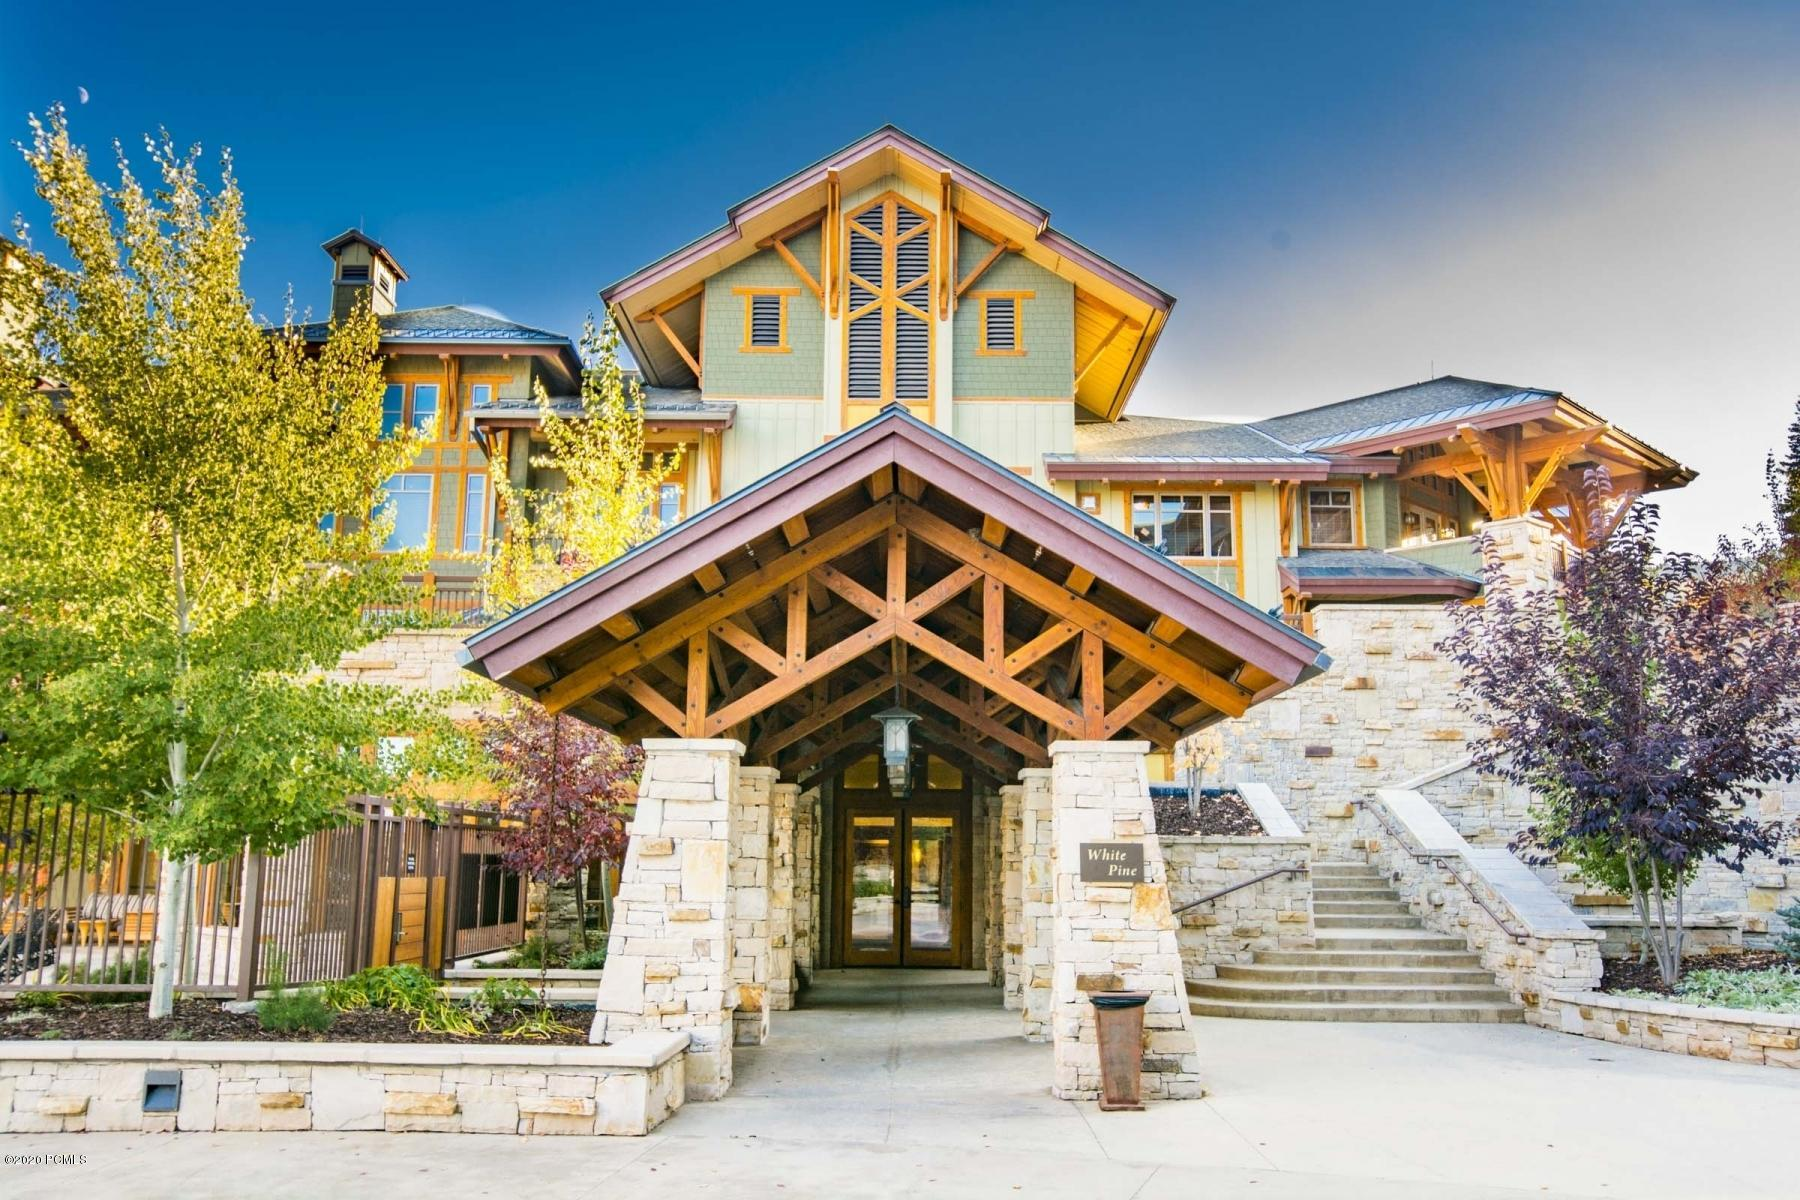 3558 Escala Court, Park City, Utah 84098, 3 Bedrooms Bedrooms, ,4 BathroomsBathrooms,Condominium,For Sale,Escala,20190109112430415765000000